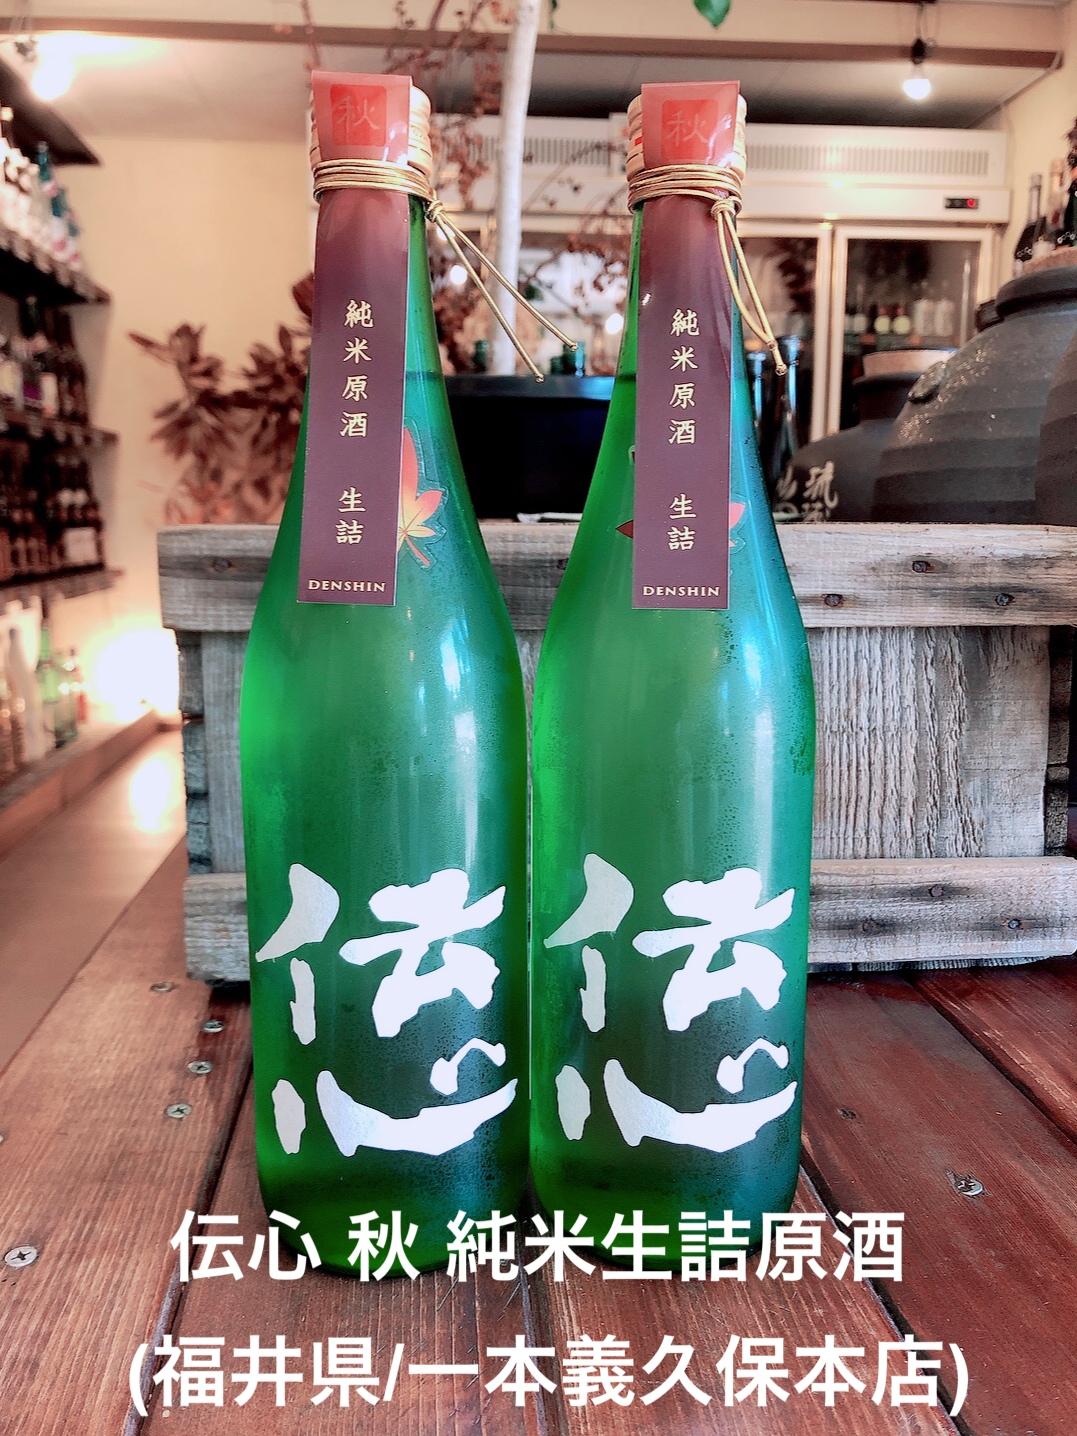 伝心 秋 純米生詰原酒(福井県/一本義久保本店)